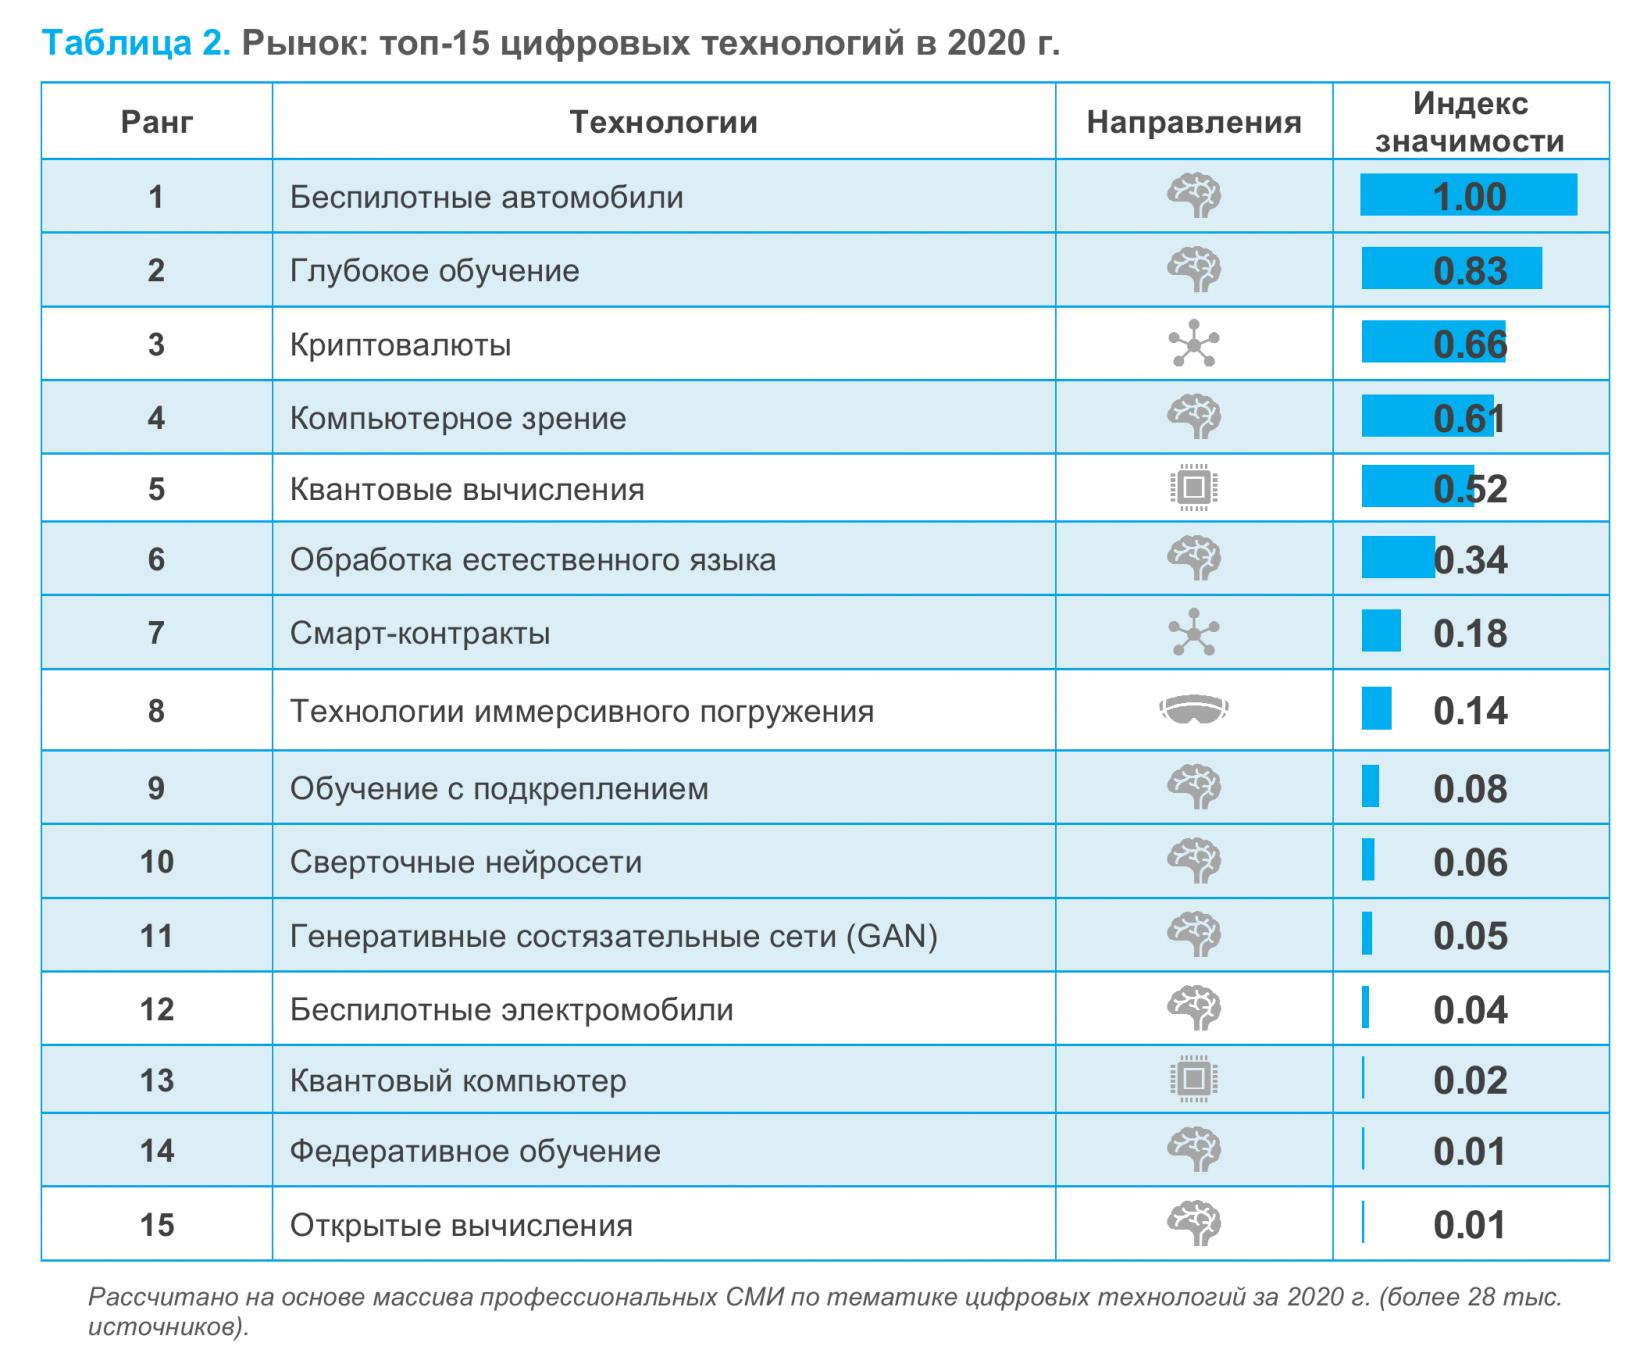 Рынок: топ-15 цифровых технологий по итогам 2020 года